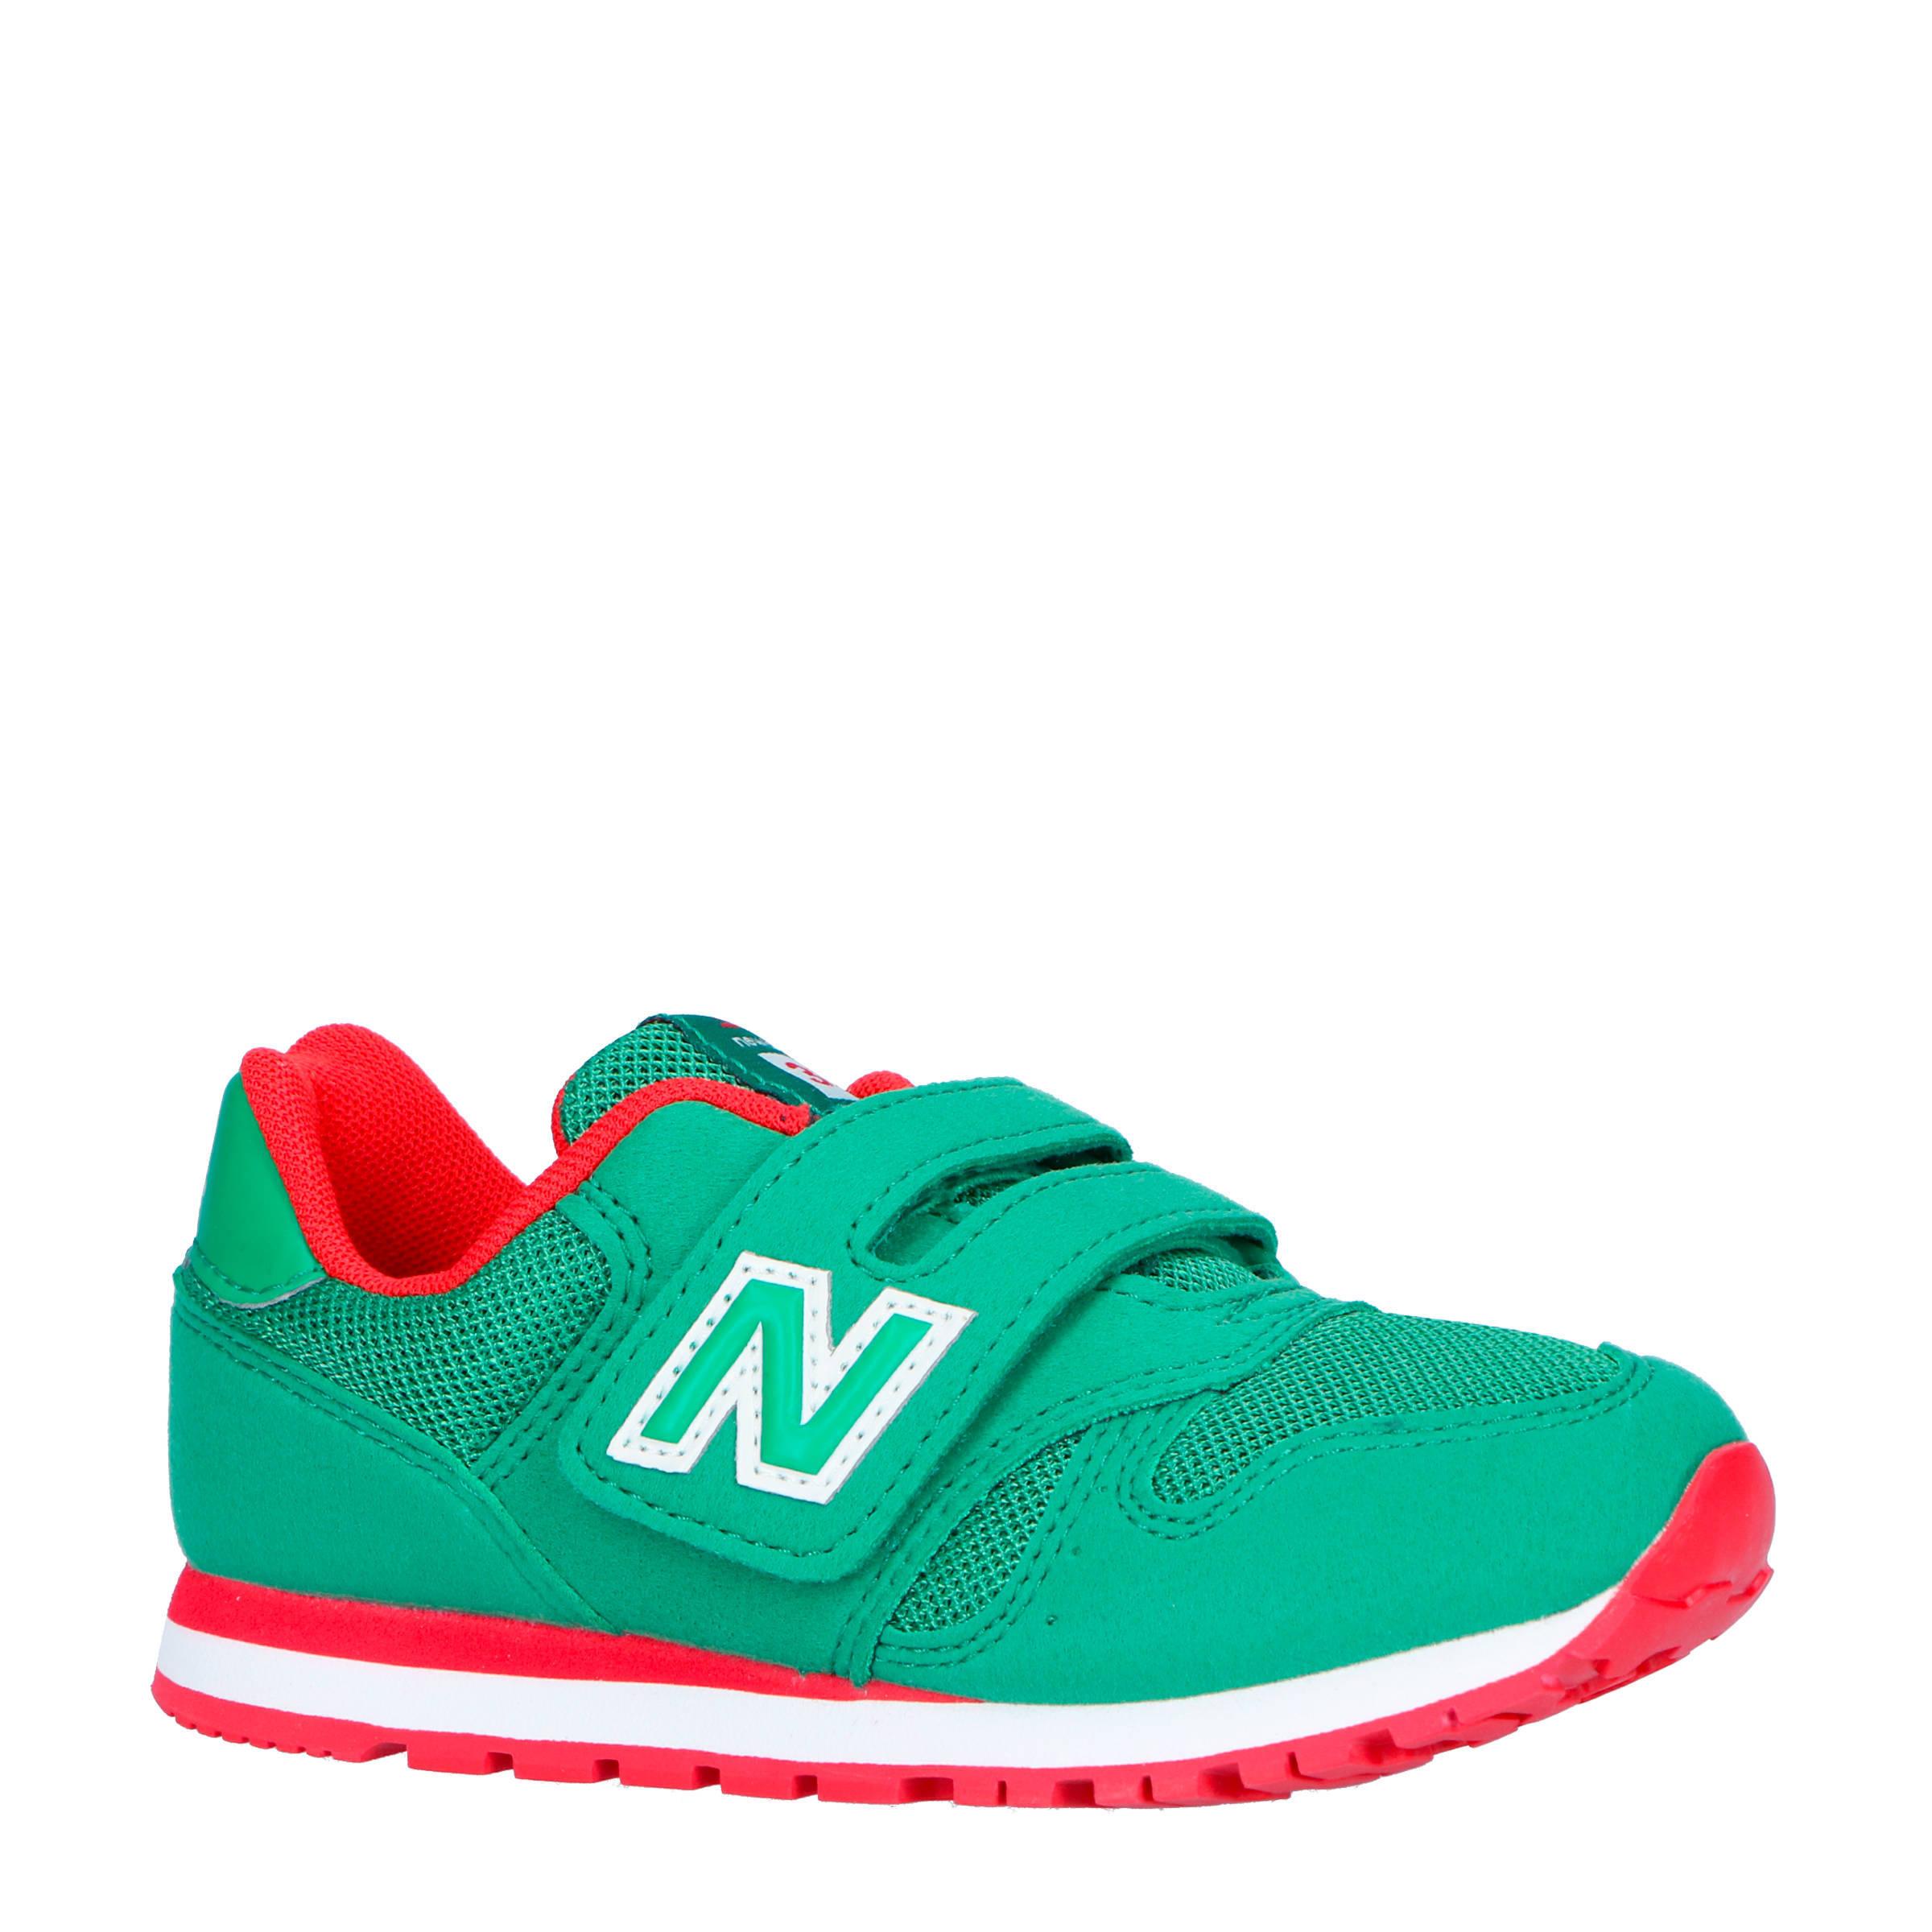 373 sneakers groenrood